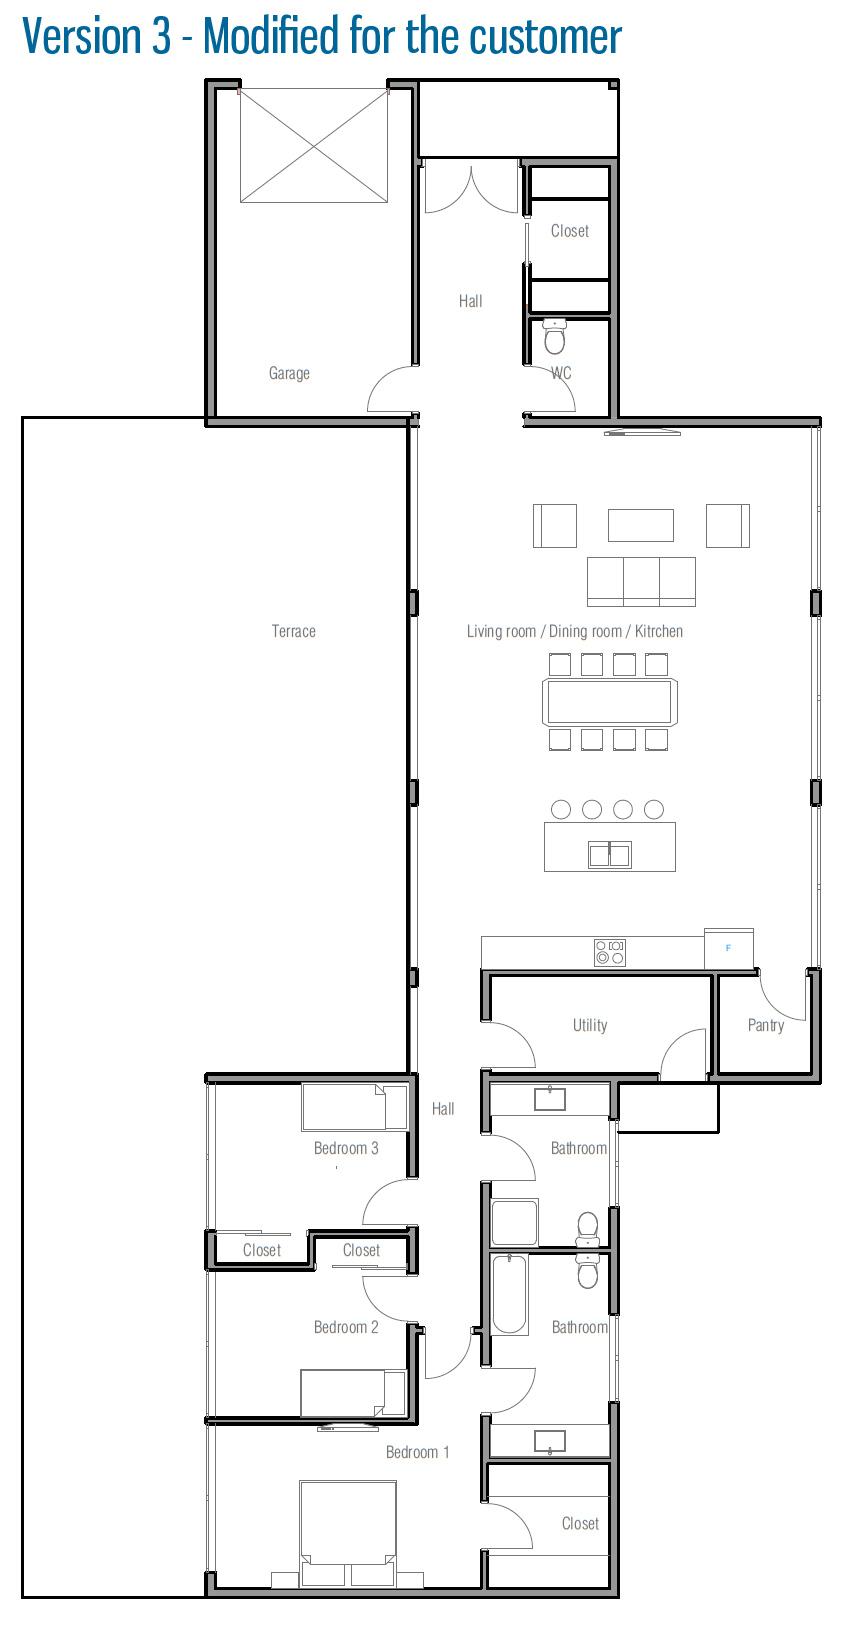 small-houses_51_426CH_v2.jpg